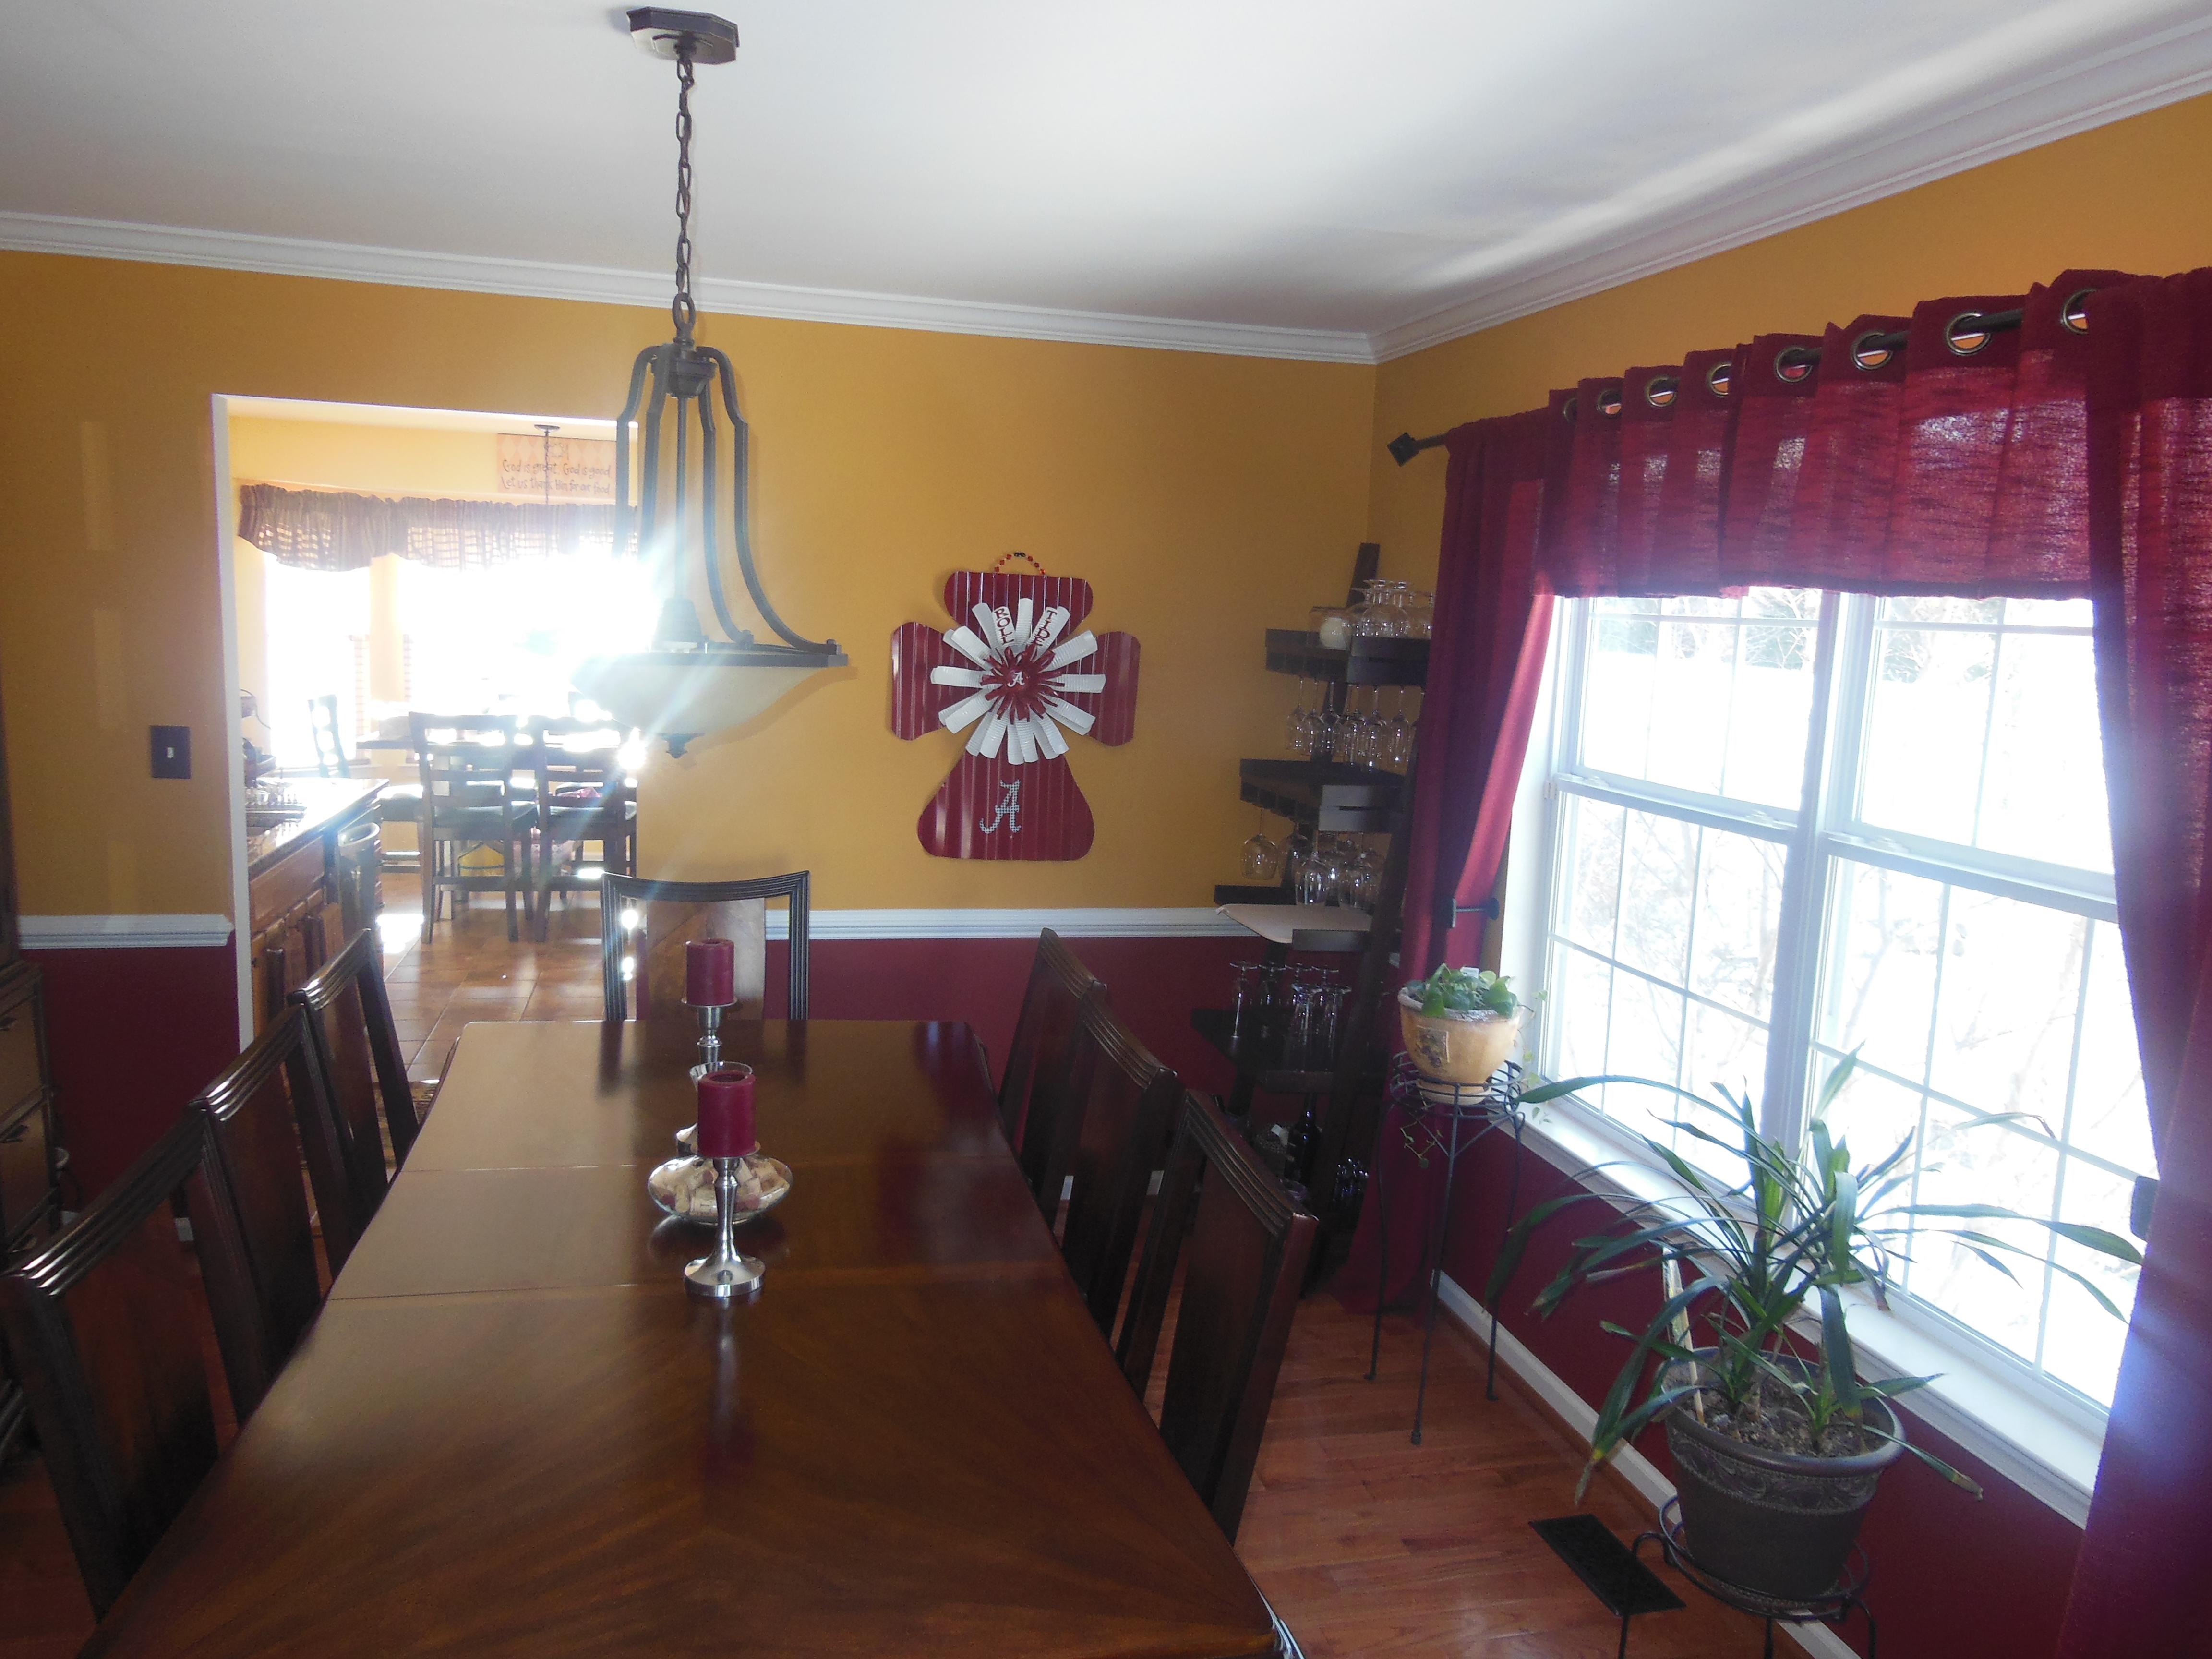 Severna Park, MD Dining Room